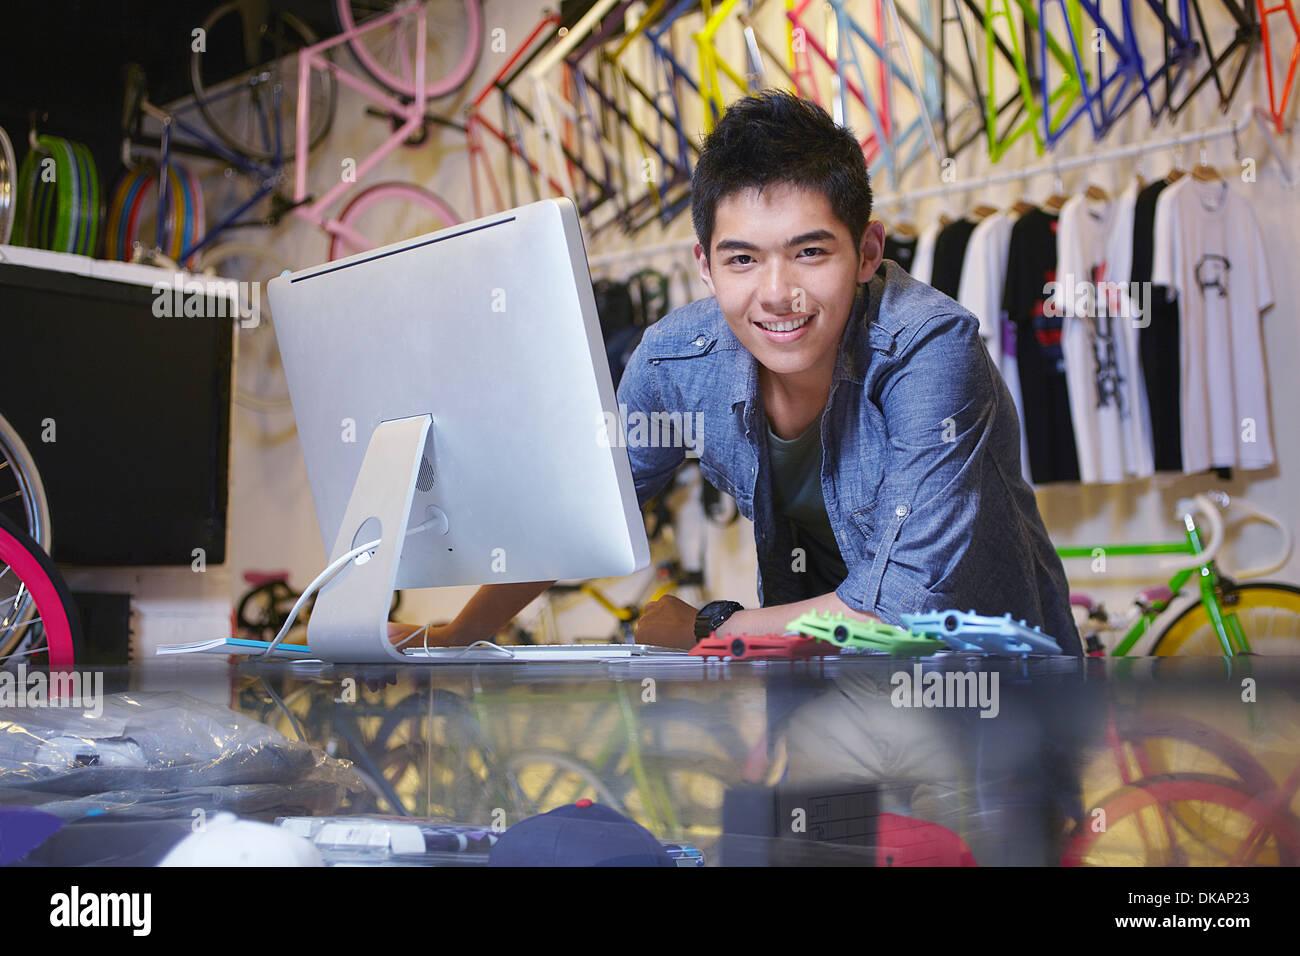 Joven en la tienda de bicicletas mediante ordenador Imagen De Stock